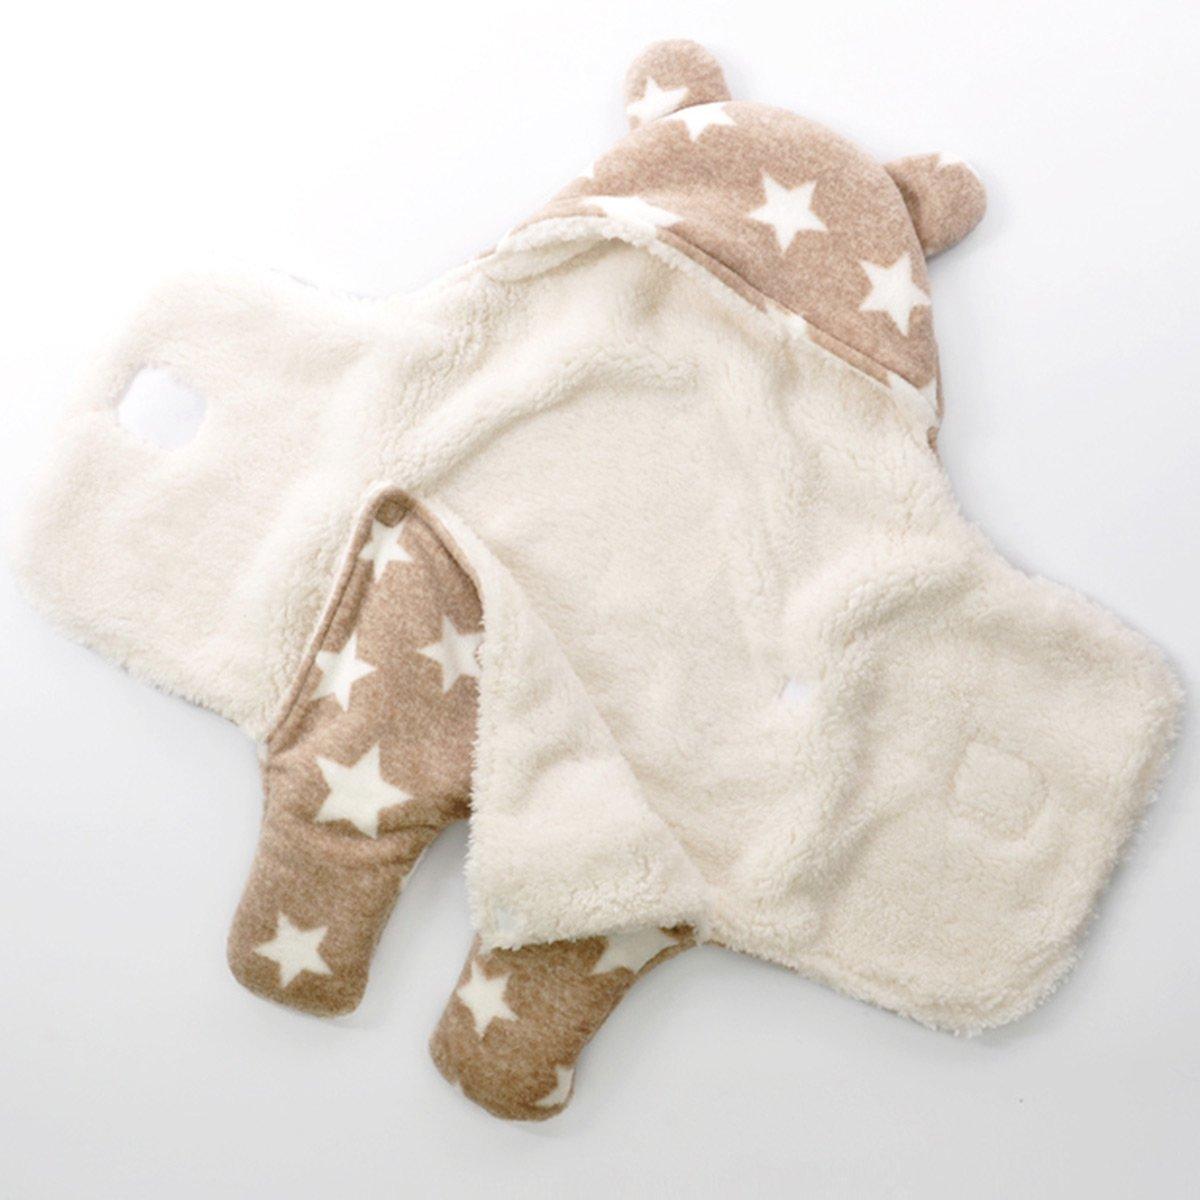 Happy Cherry Baby Polyester Swaddle Neugeborene Kapuze Schlafsack Separate Beine Baby Pucktuch Herbst Winter M/ädchen Junge Wickeldecke Braun